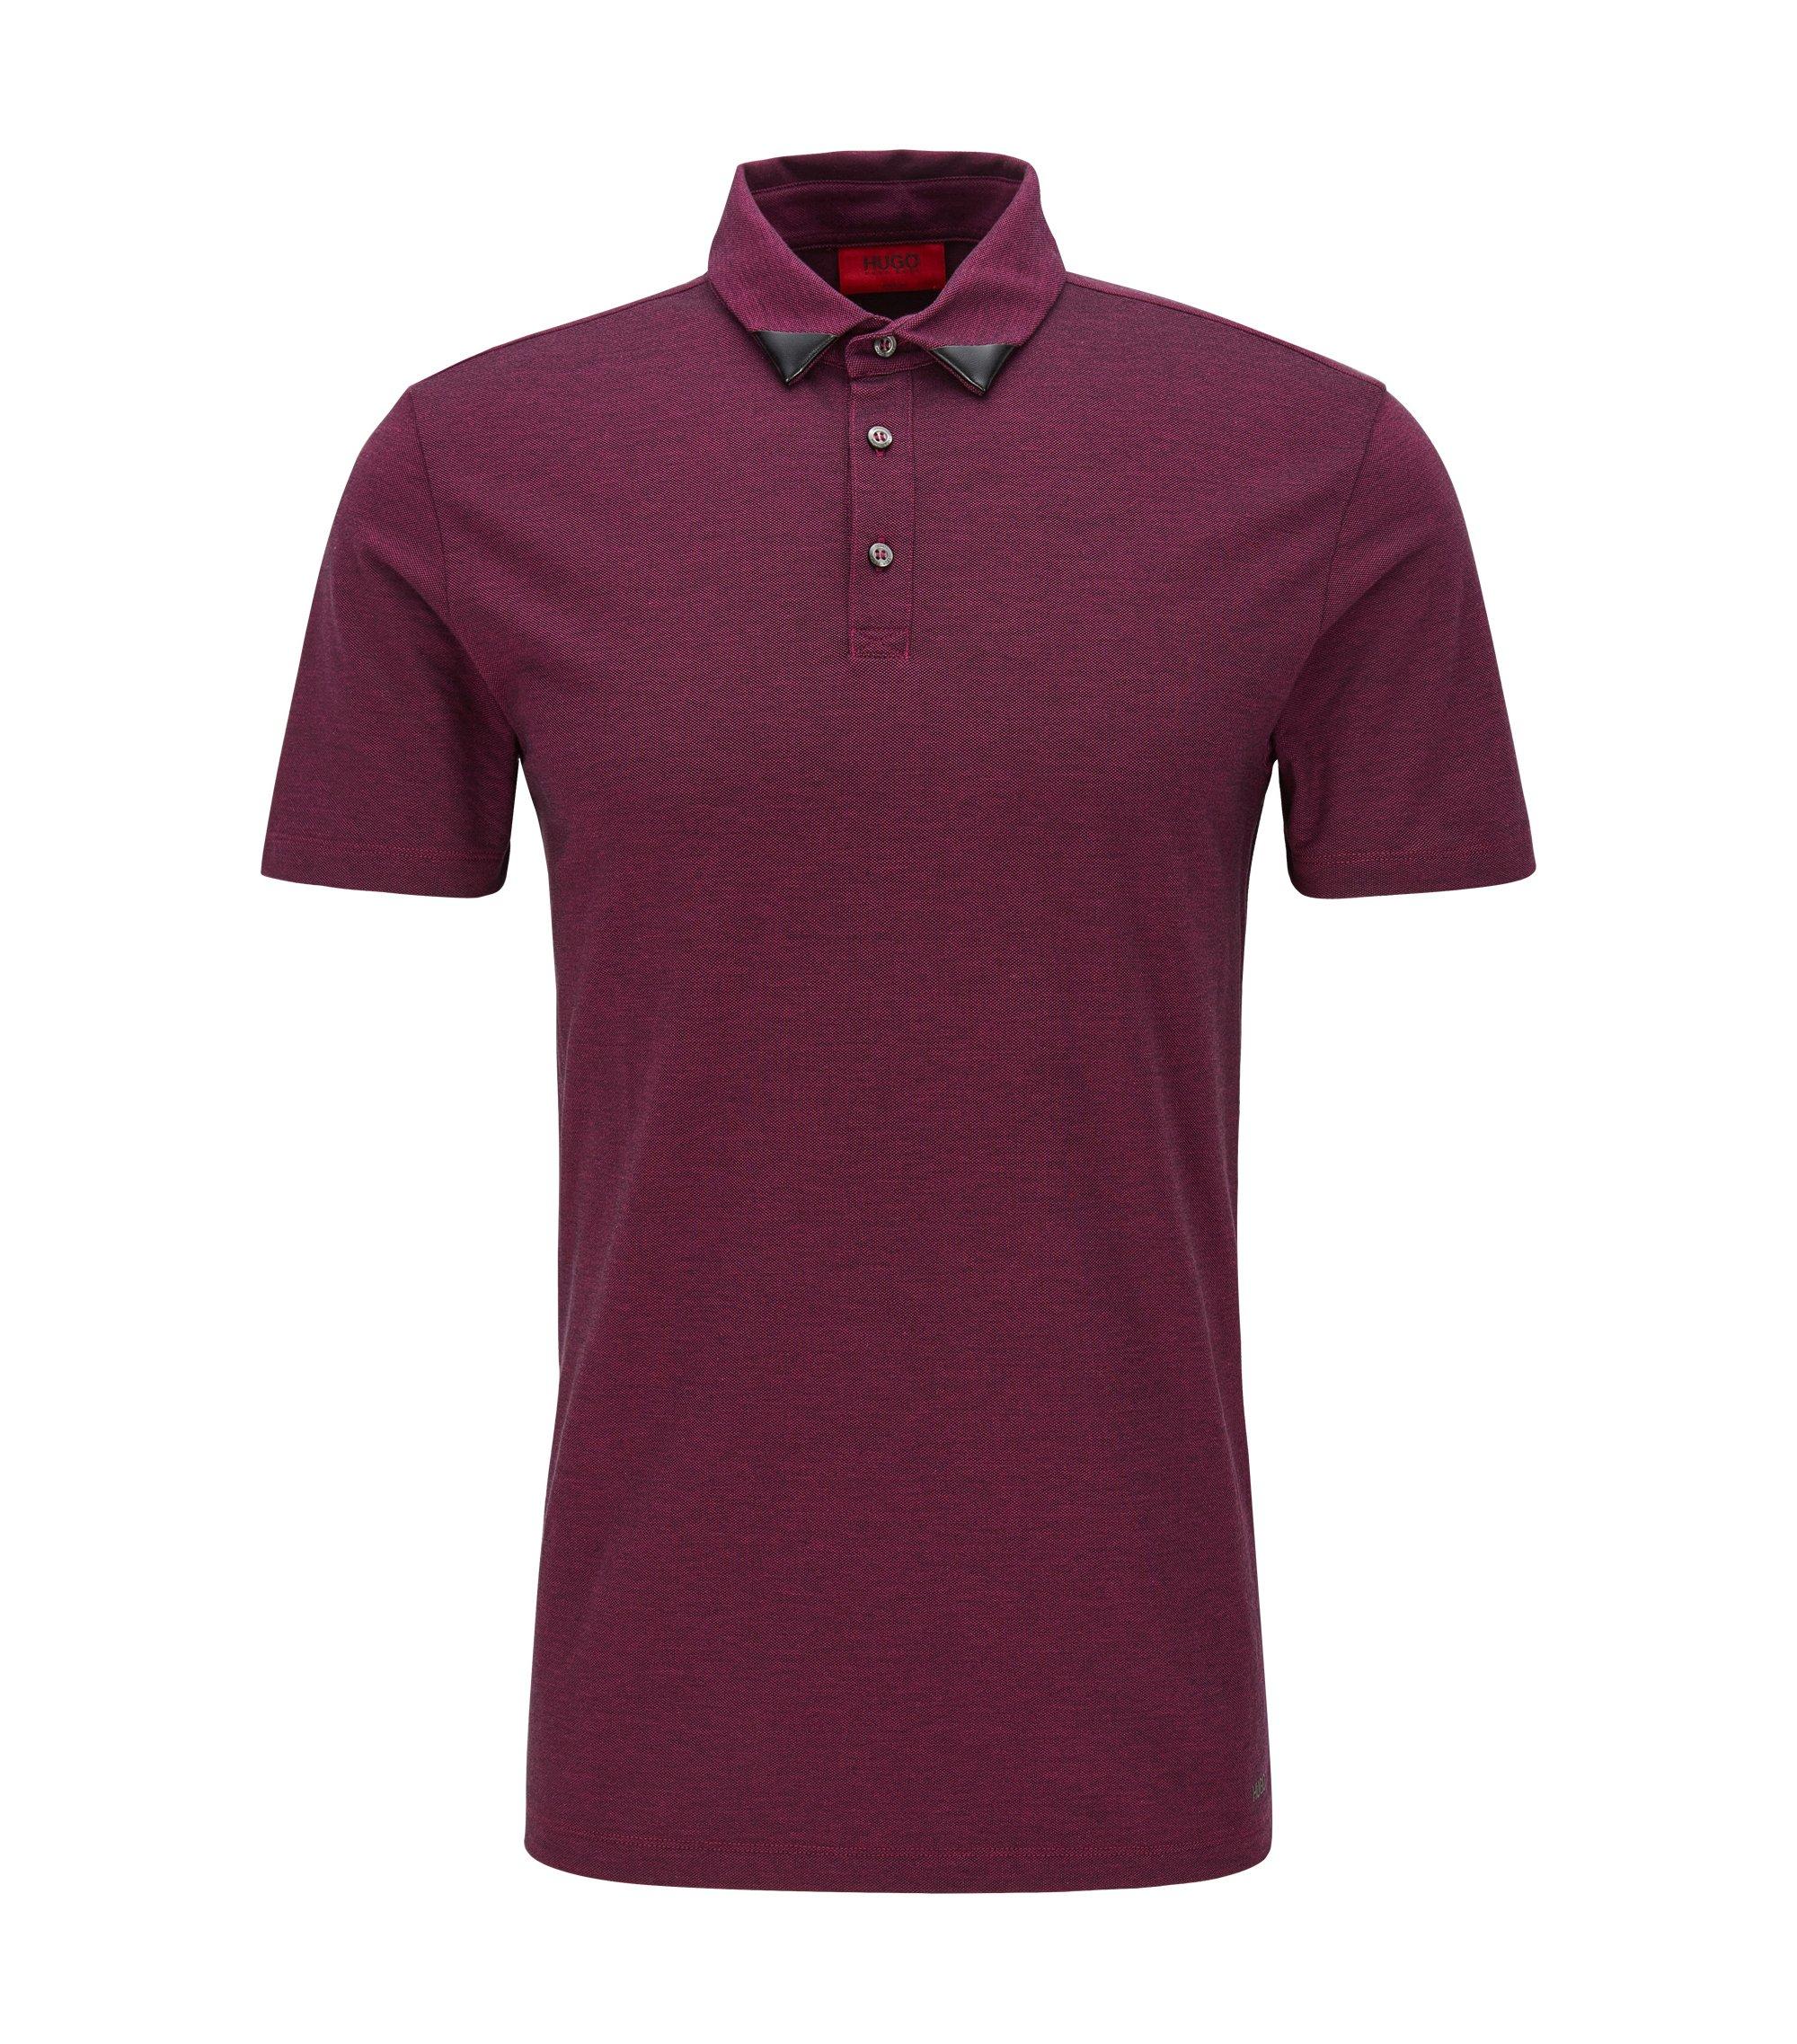 Piqué Cotton Polo Shirt, Slim Fit | Deffries, Dark pink